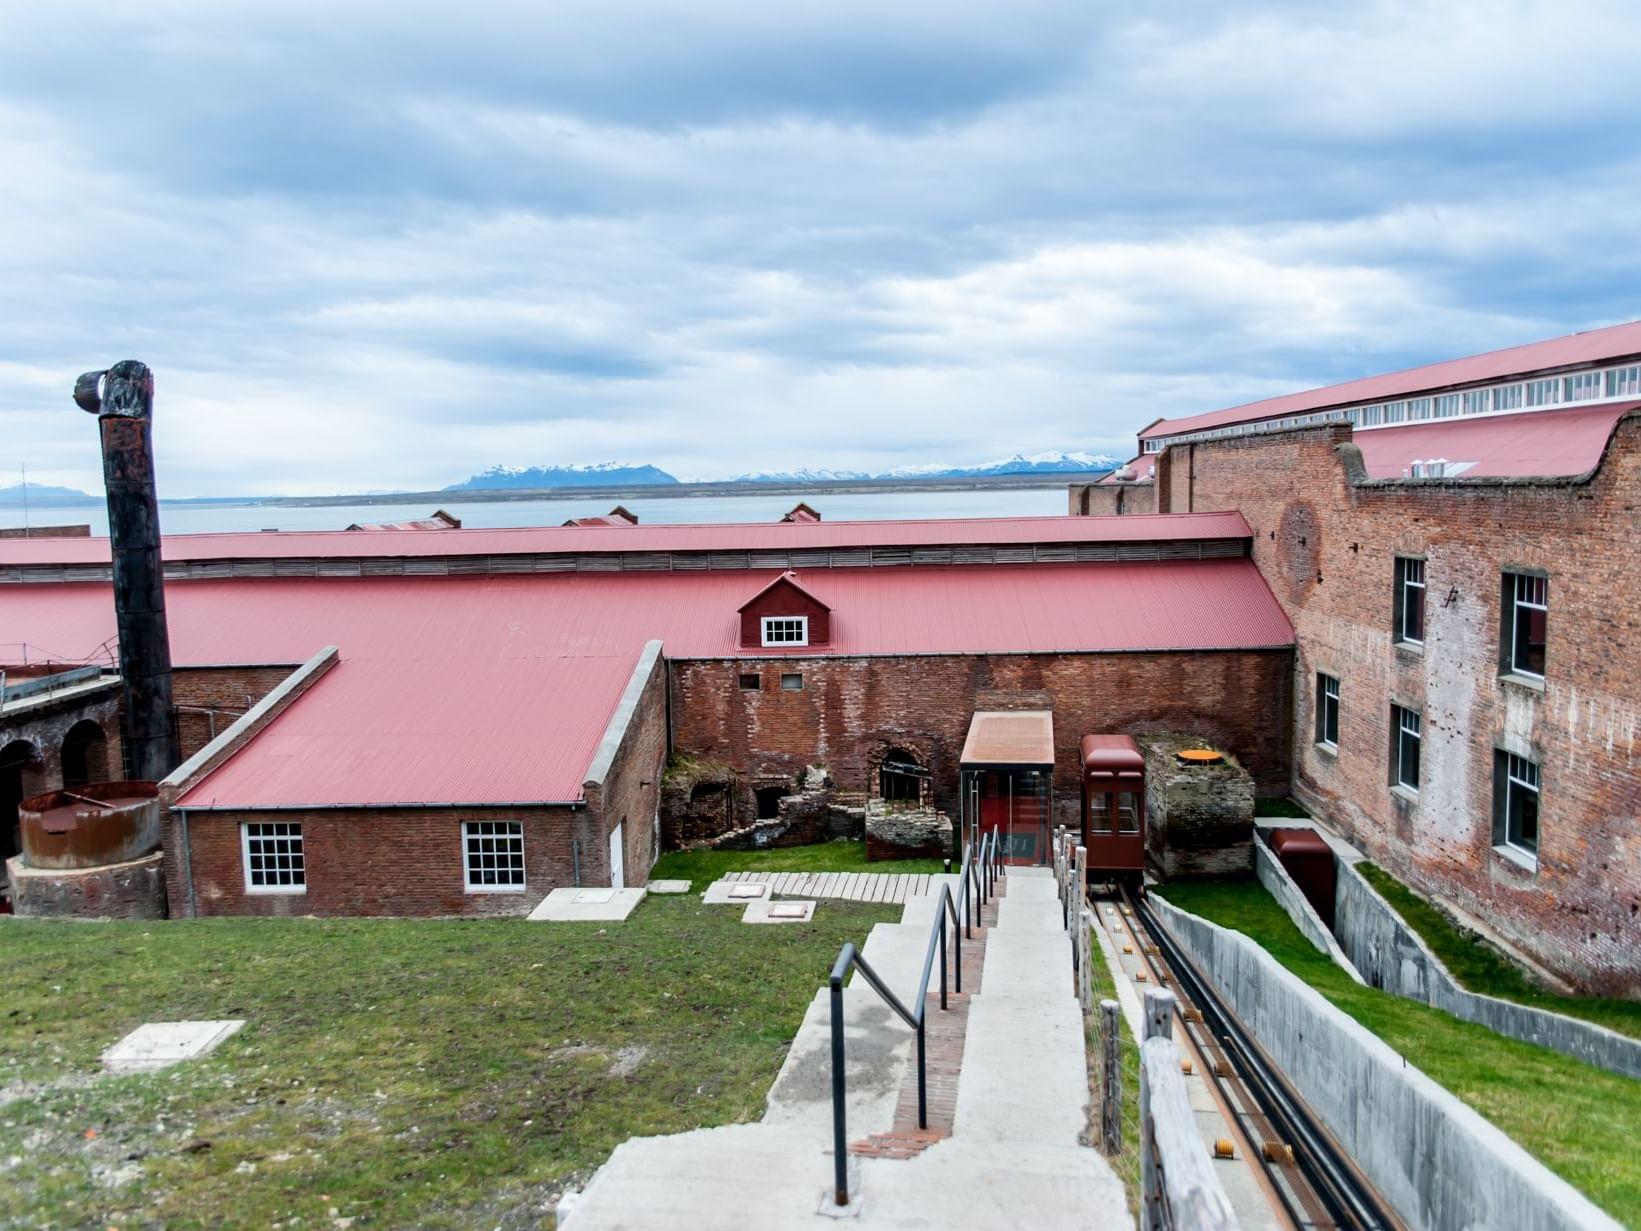 Cold storage plant tour Patagonia